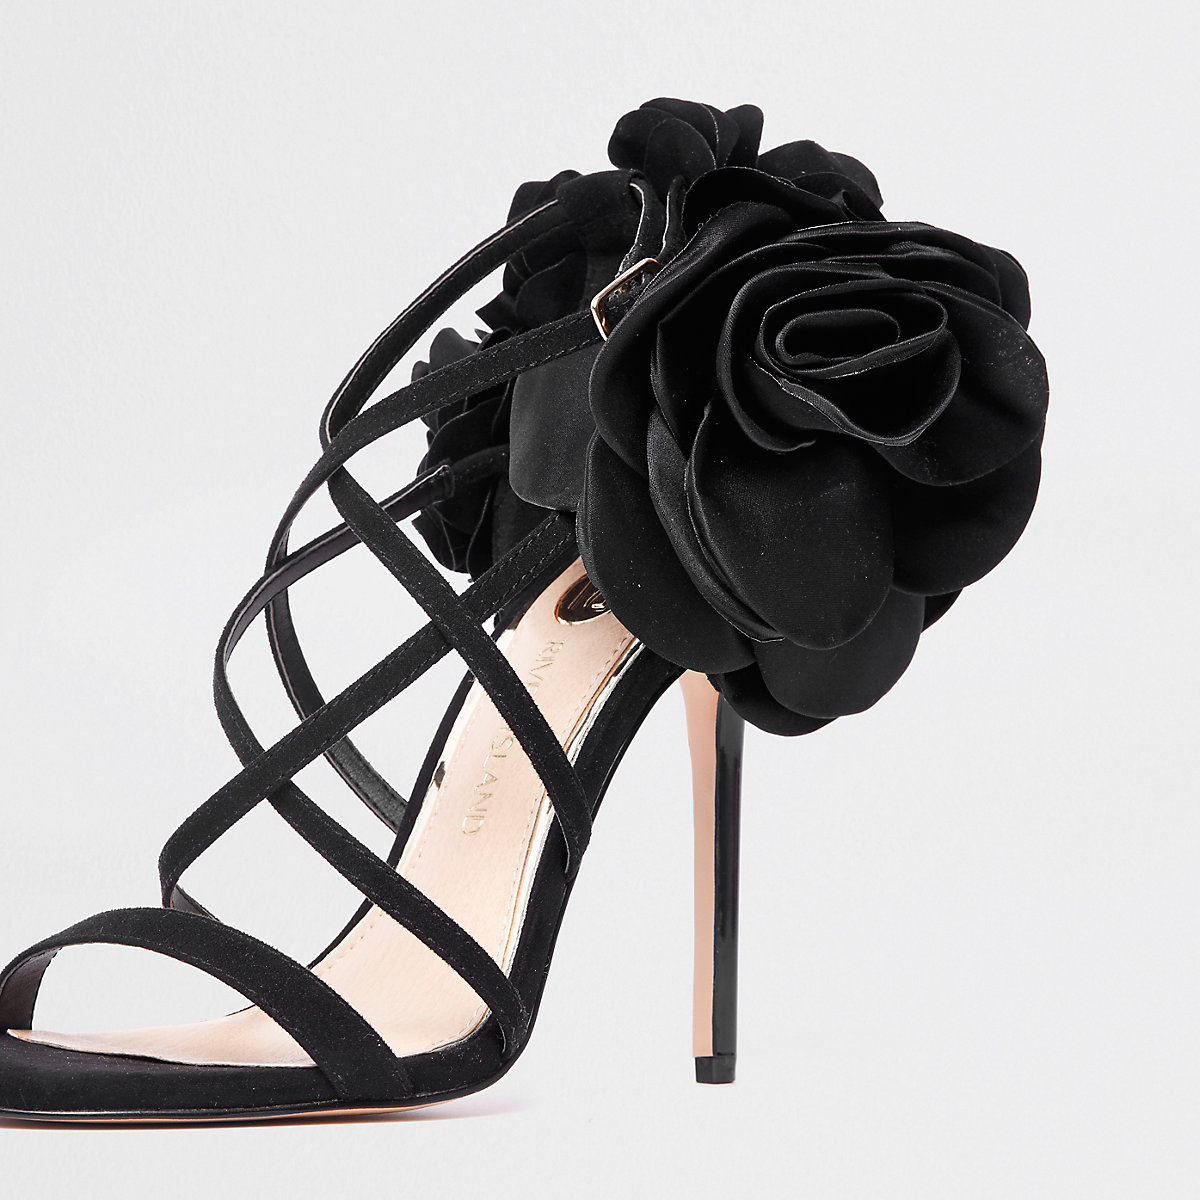 aiguilles noires Fleurs bottes à et talons chaussures sandales wSnzRqIF